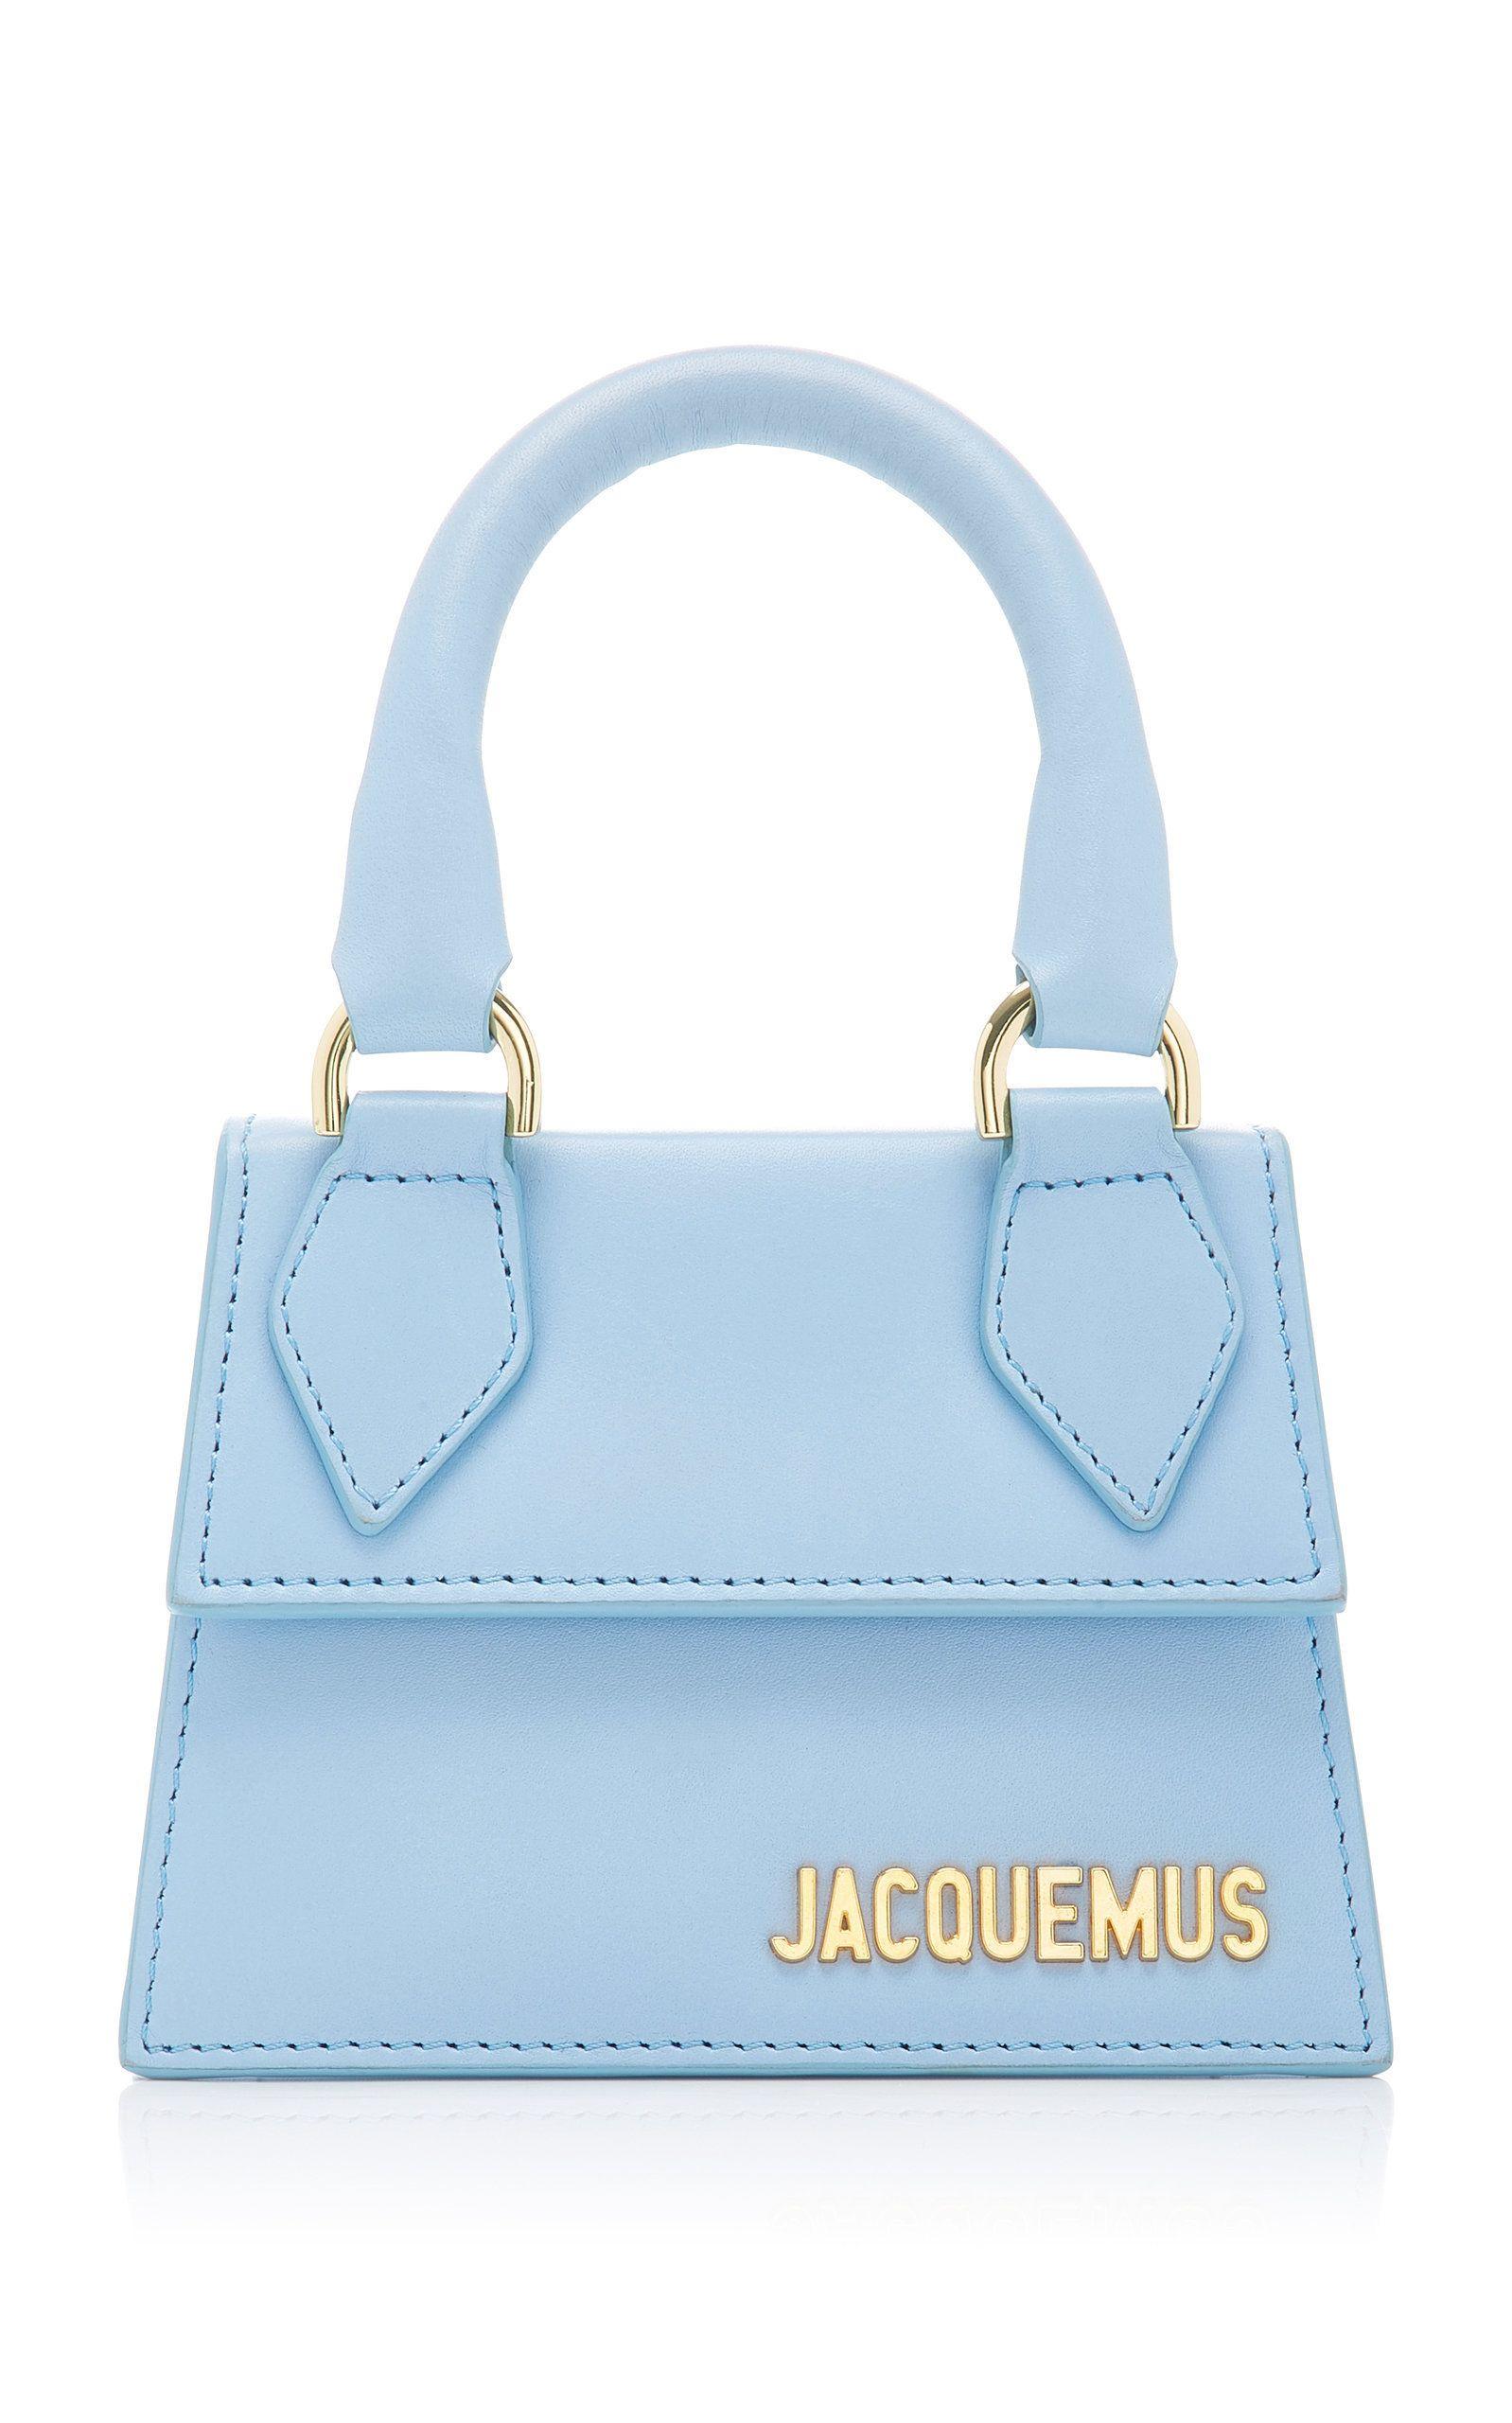 452e620e0234 Jacquemus Le Chiquita Leather Micro Bag